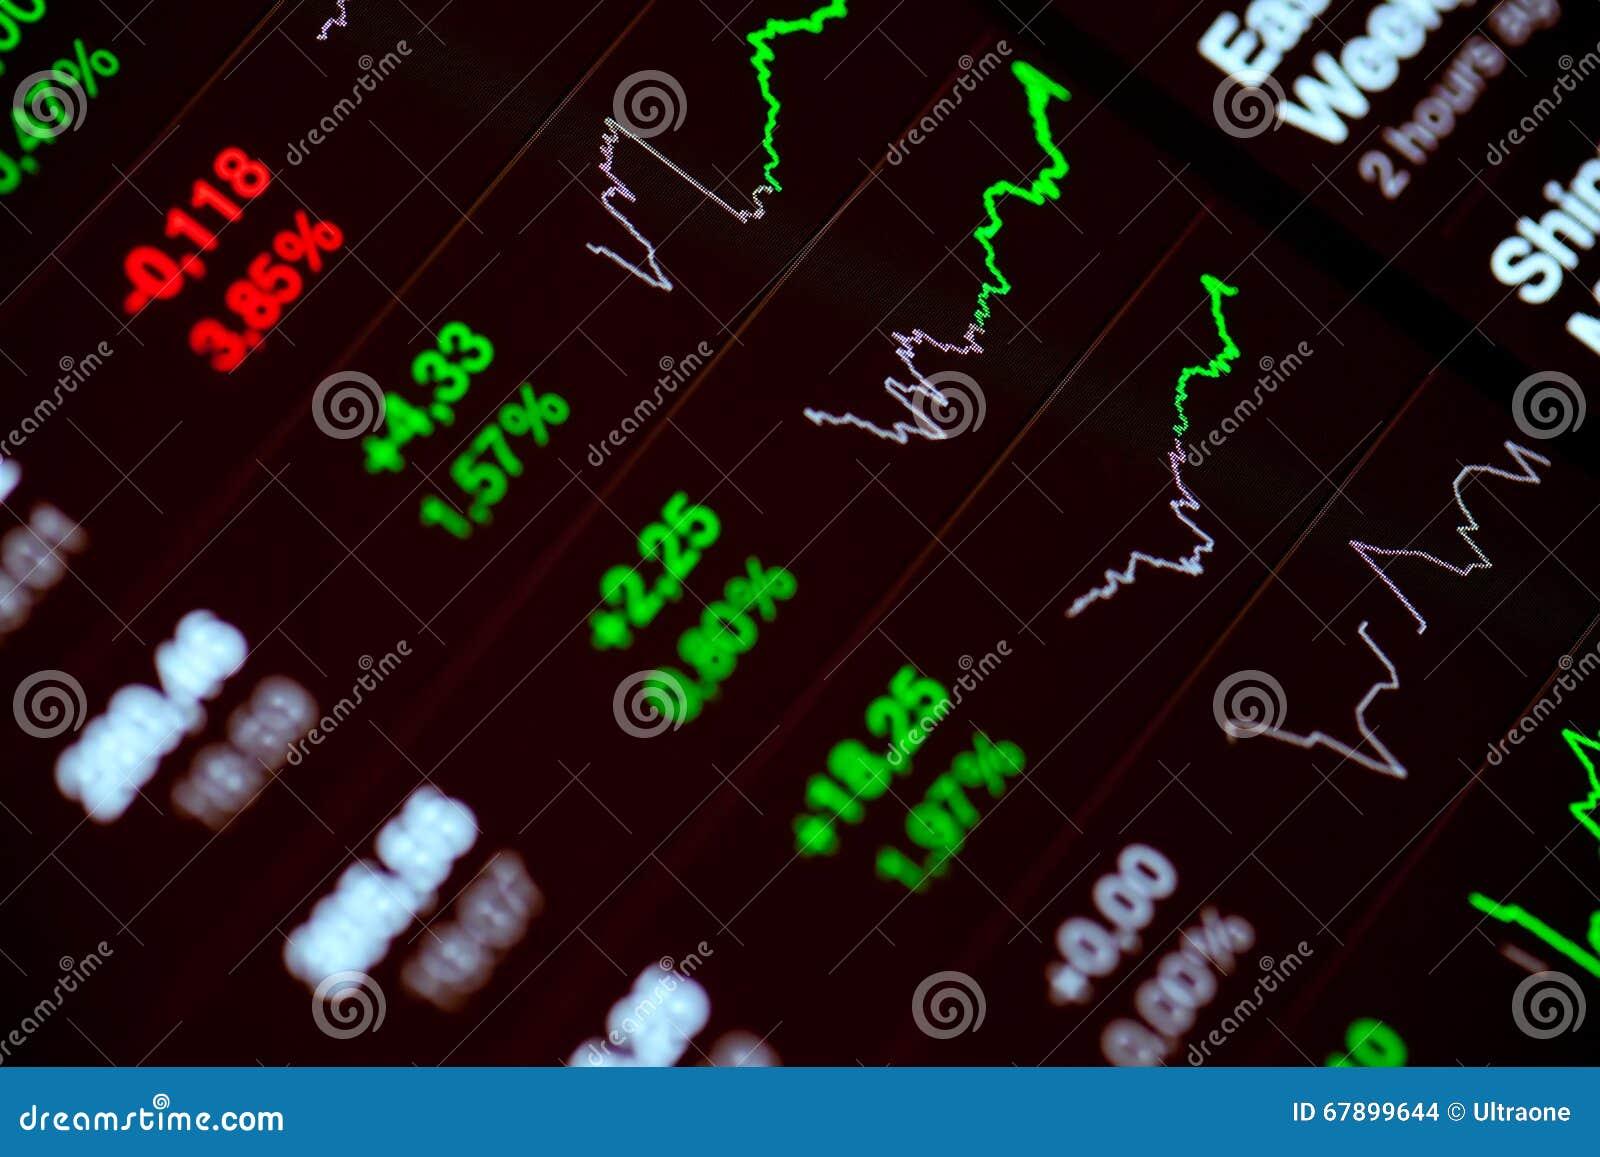 数字式在屏幕上的股市图